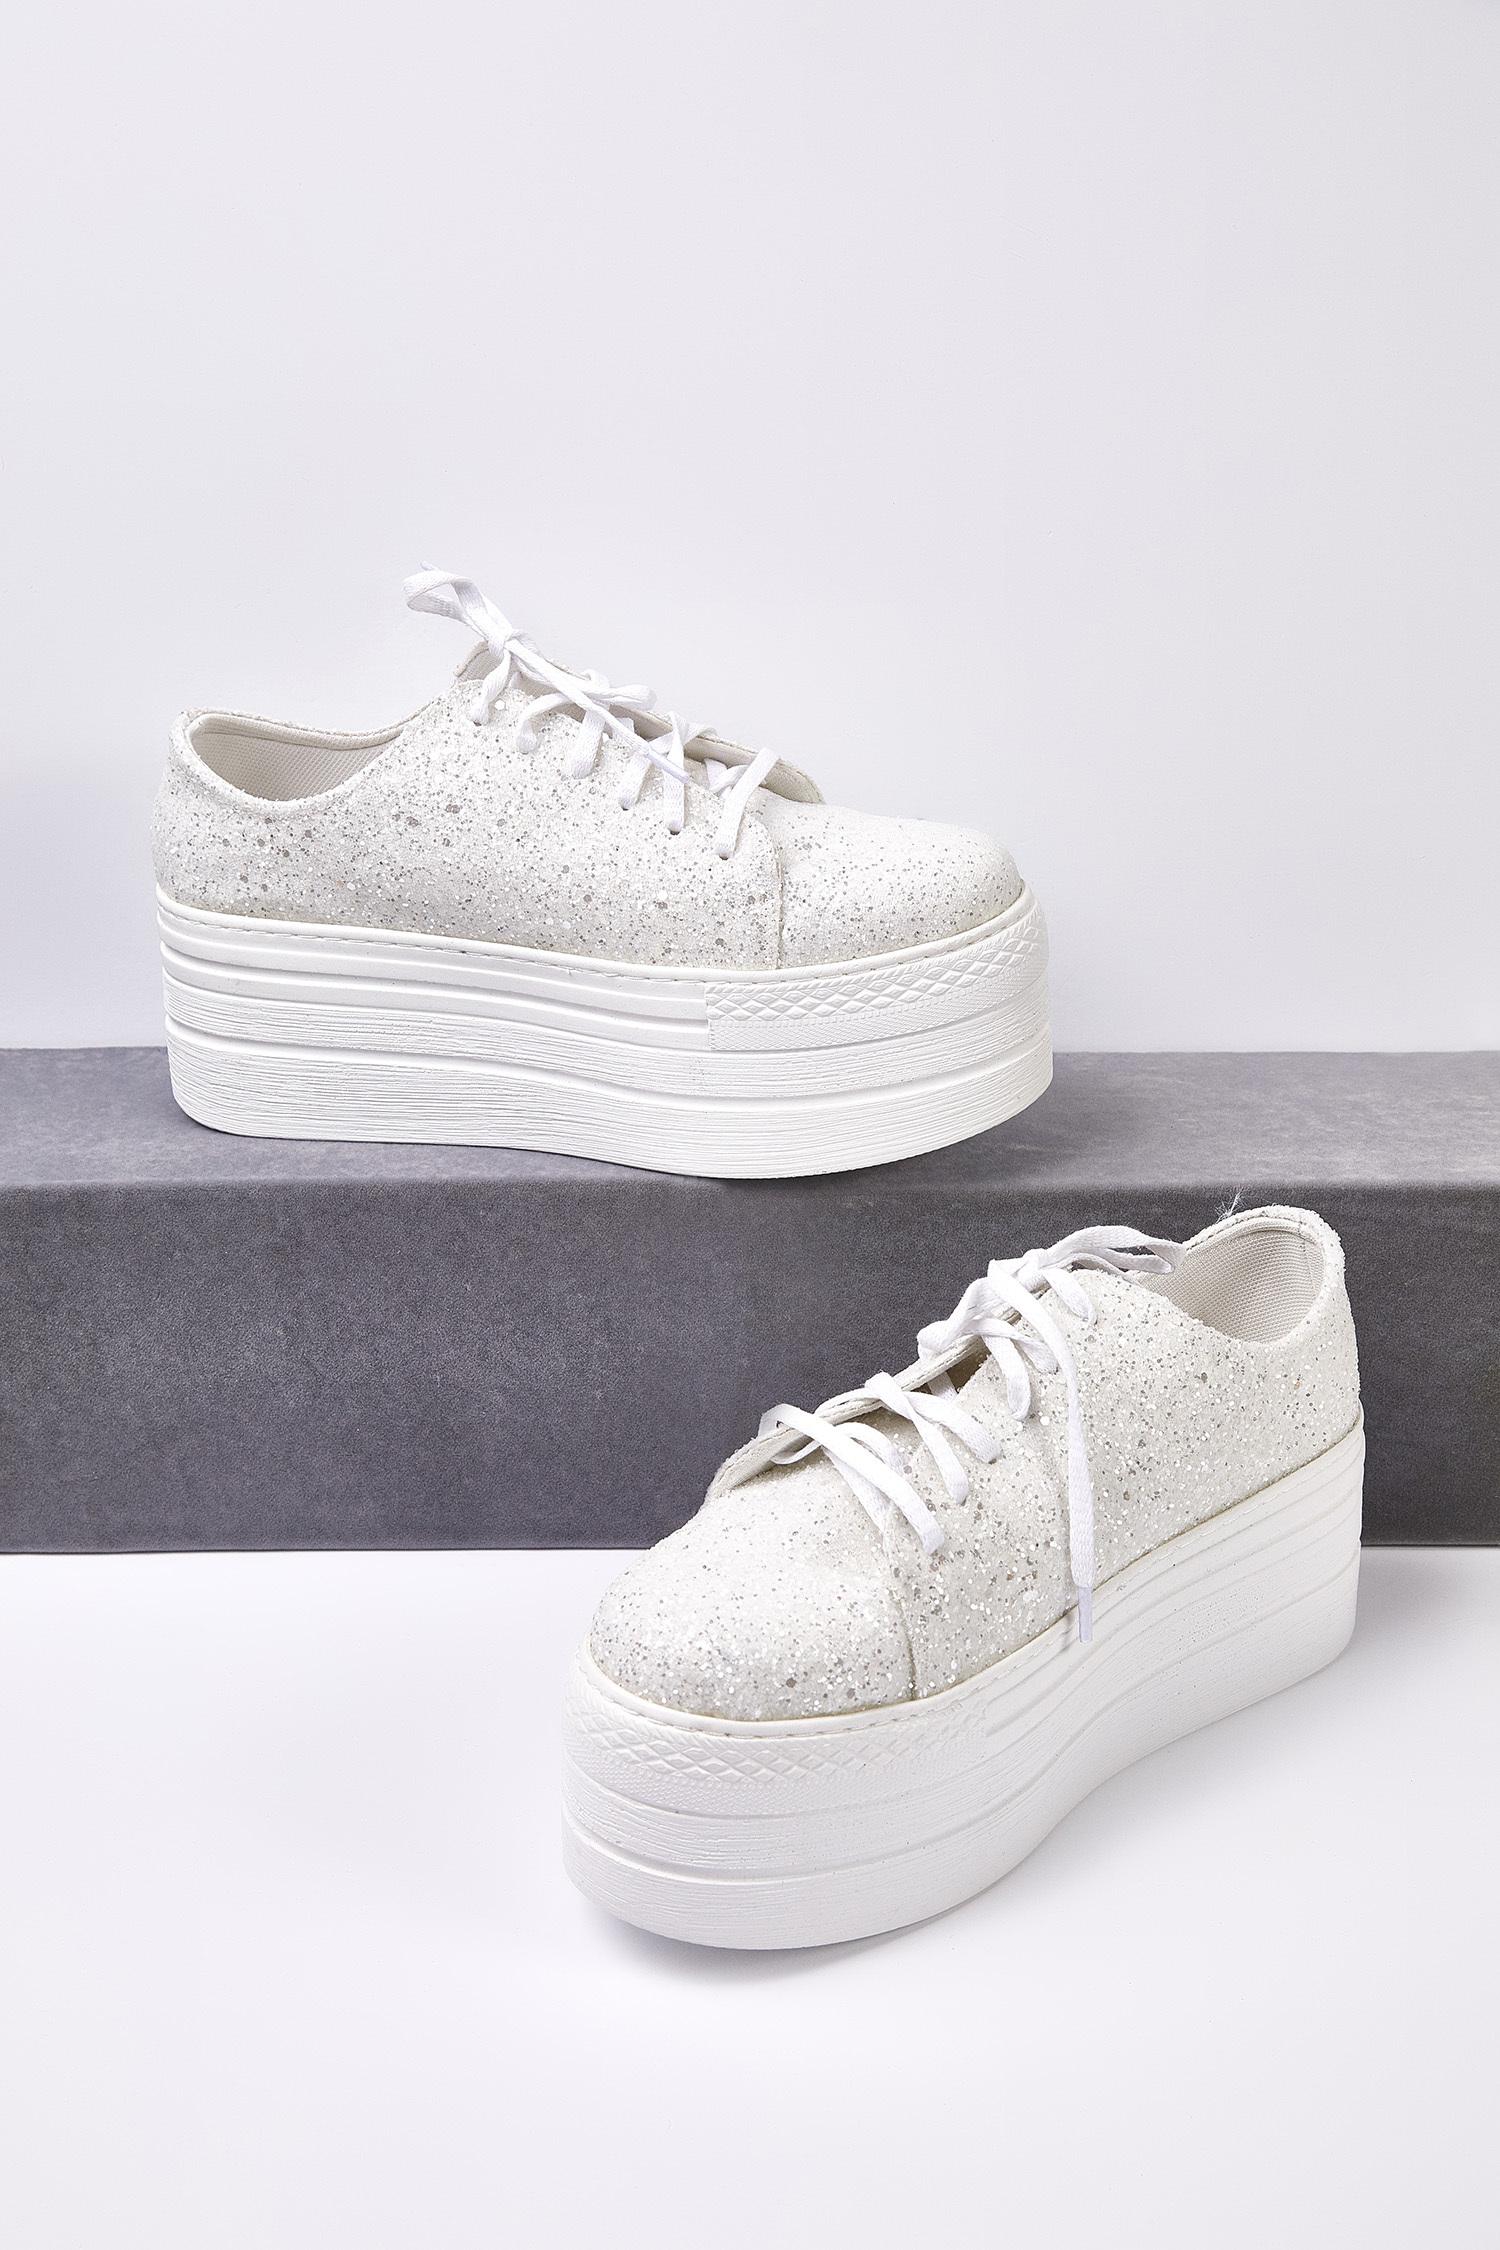 Kırık Beyaz Taşlı Yüksek Taban Gelin Spor Ayakkabı - Thumbnail